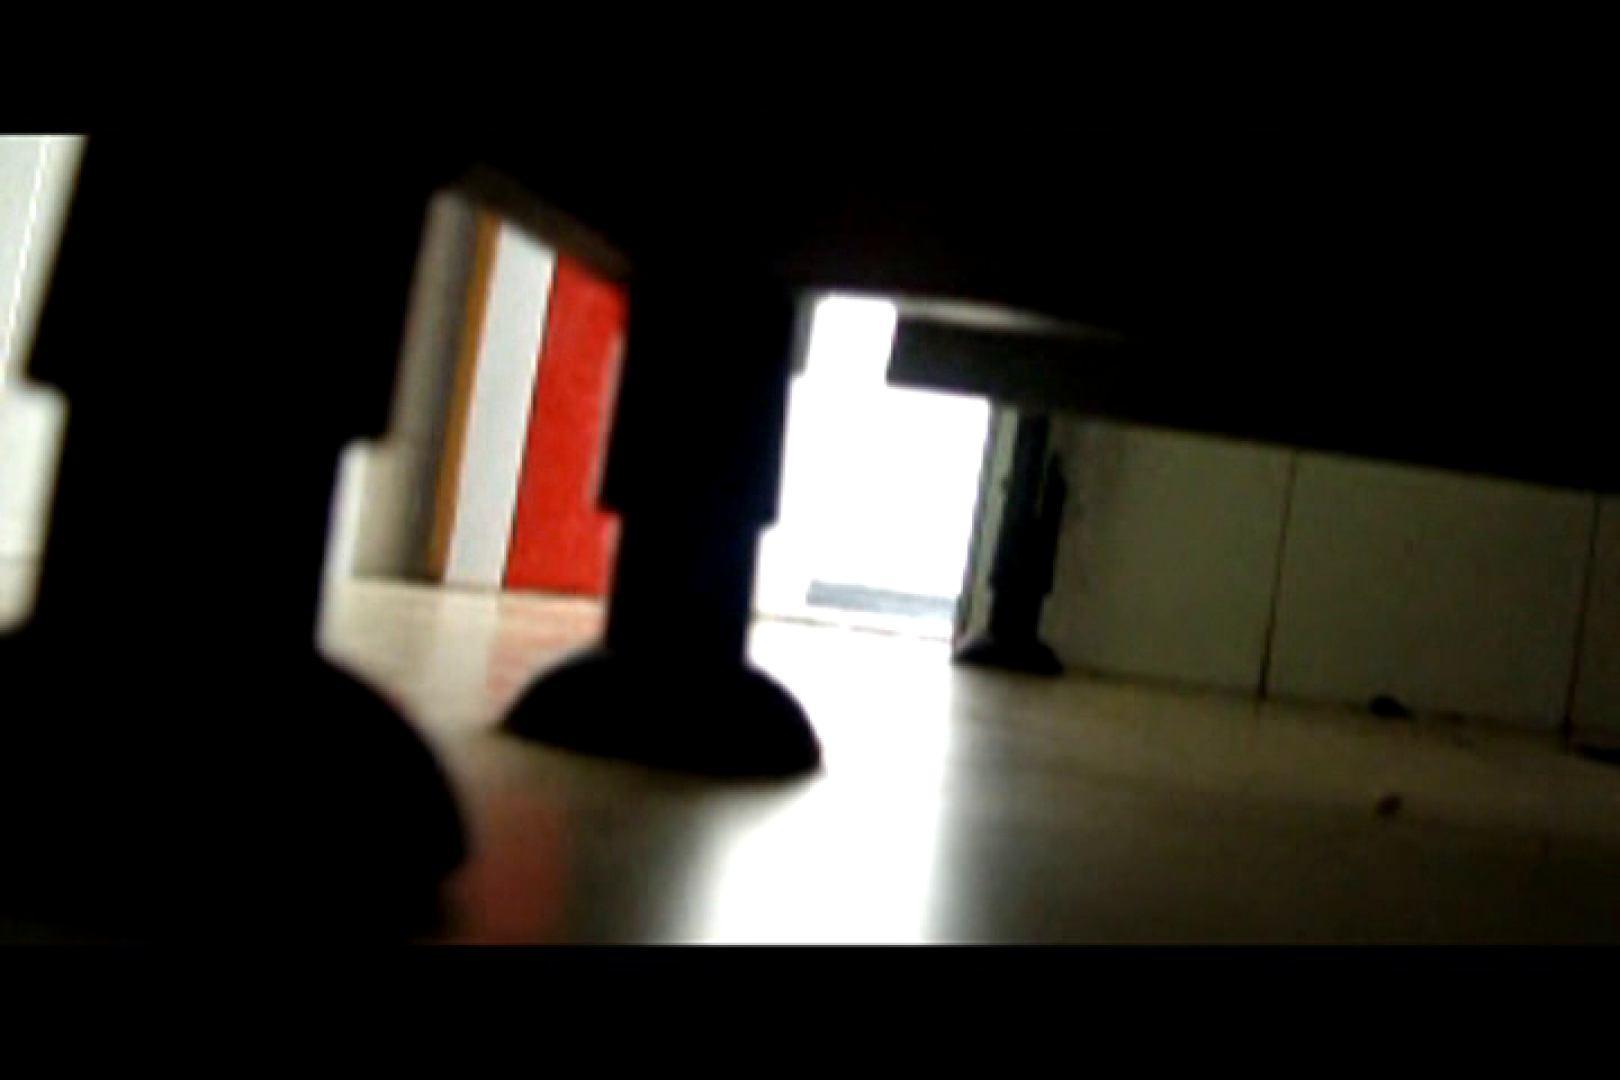 ぼっとん洗面所スペシャルVol.16 おまんこ無修正 隠し撮りセックス画像 99pic 39